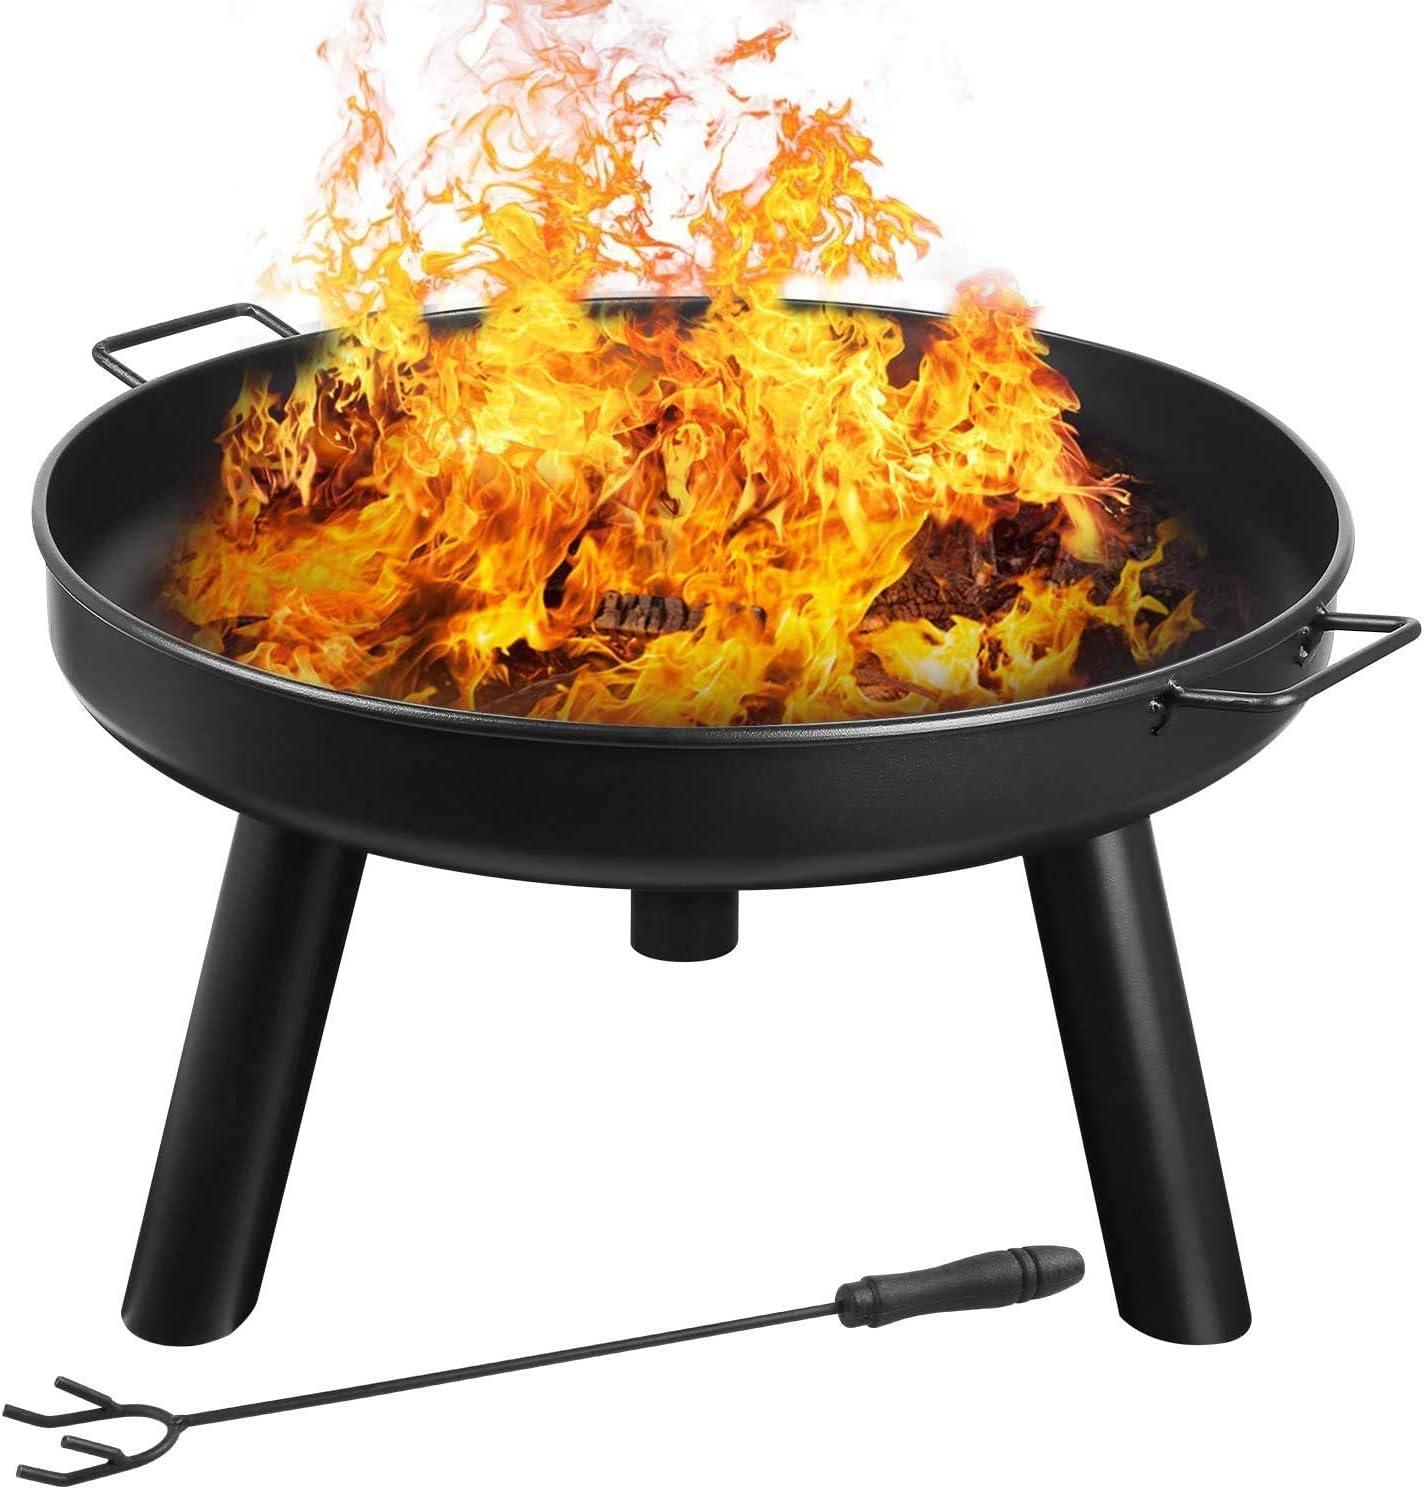 FIXKIT Barbacoa Portátil de Carbón Brasero Exterior con Asas Multifuncinal Chimenea para calefacción Terrazas Playa, BBQ, Picnic, Acampadas, Camping